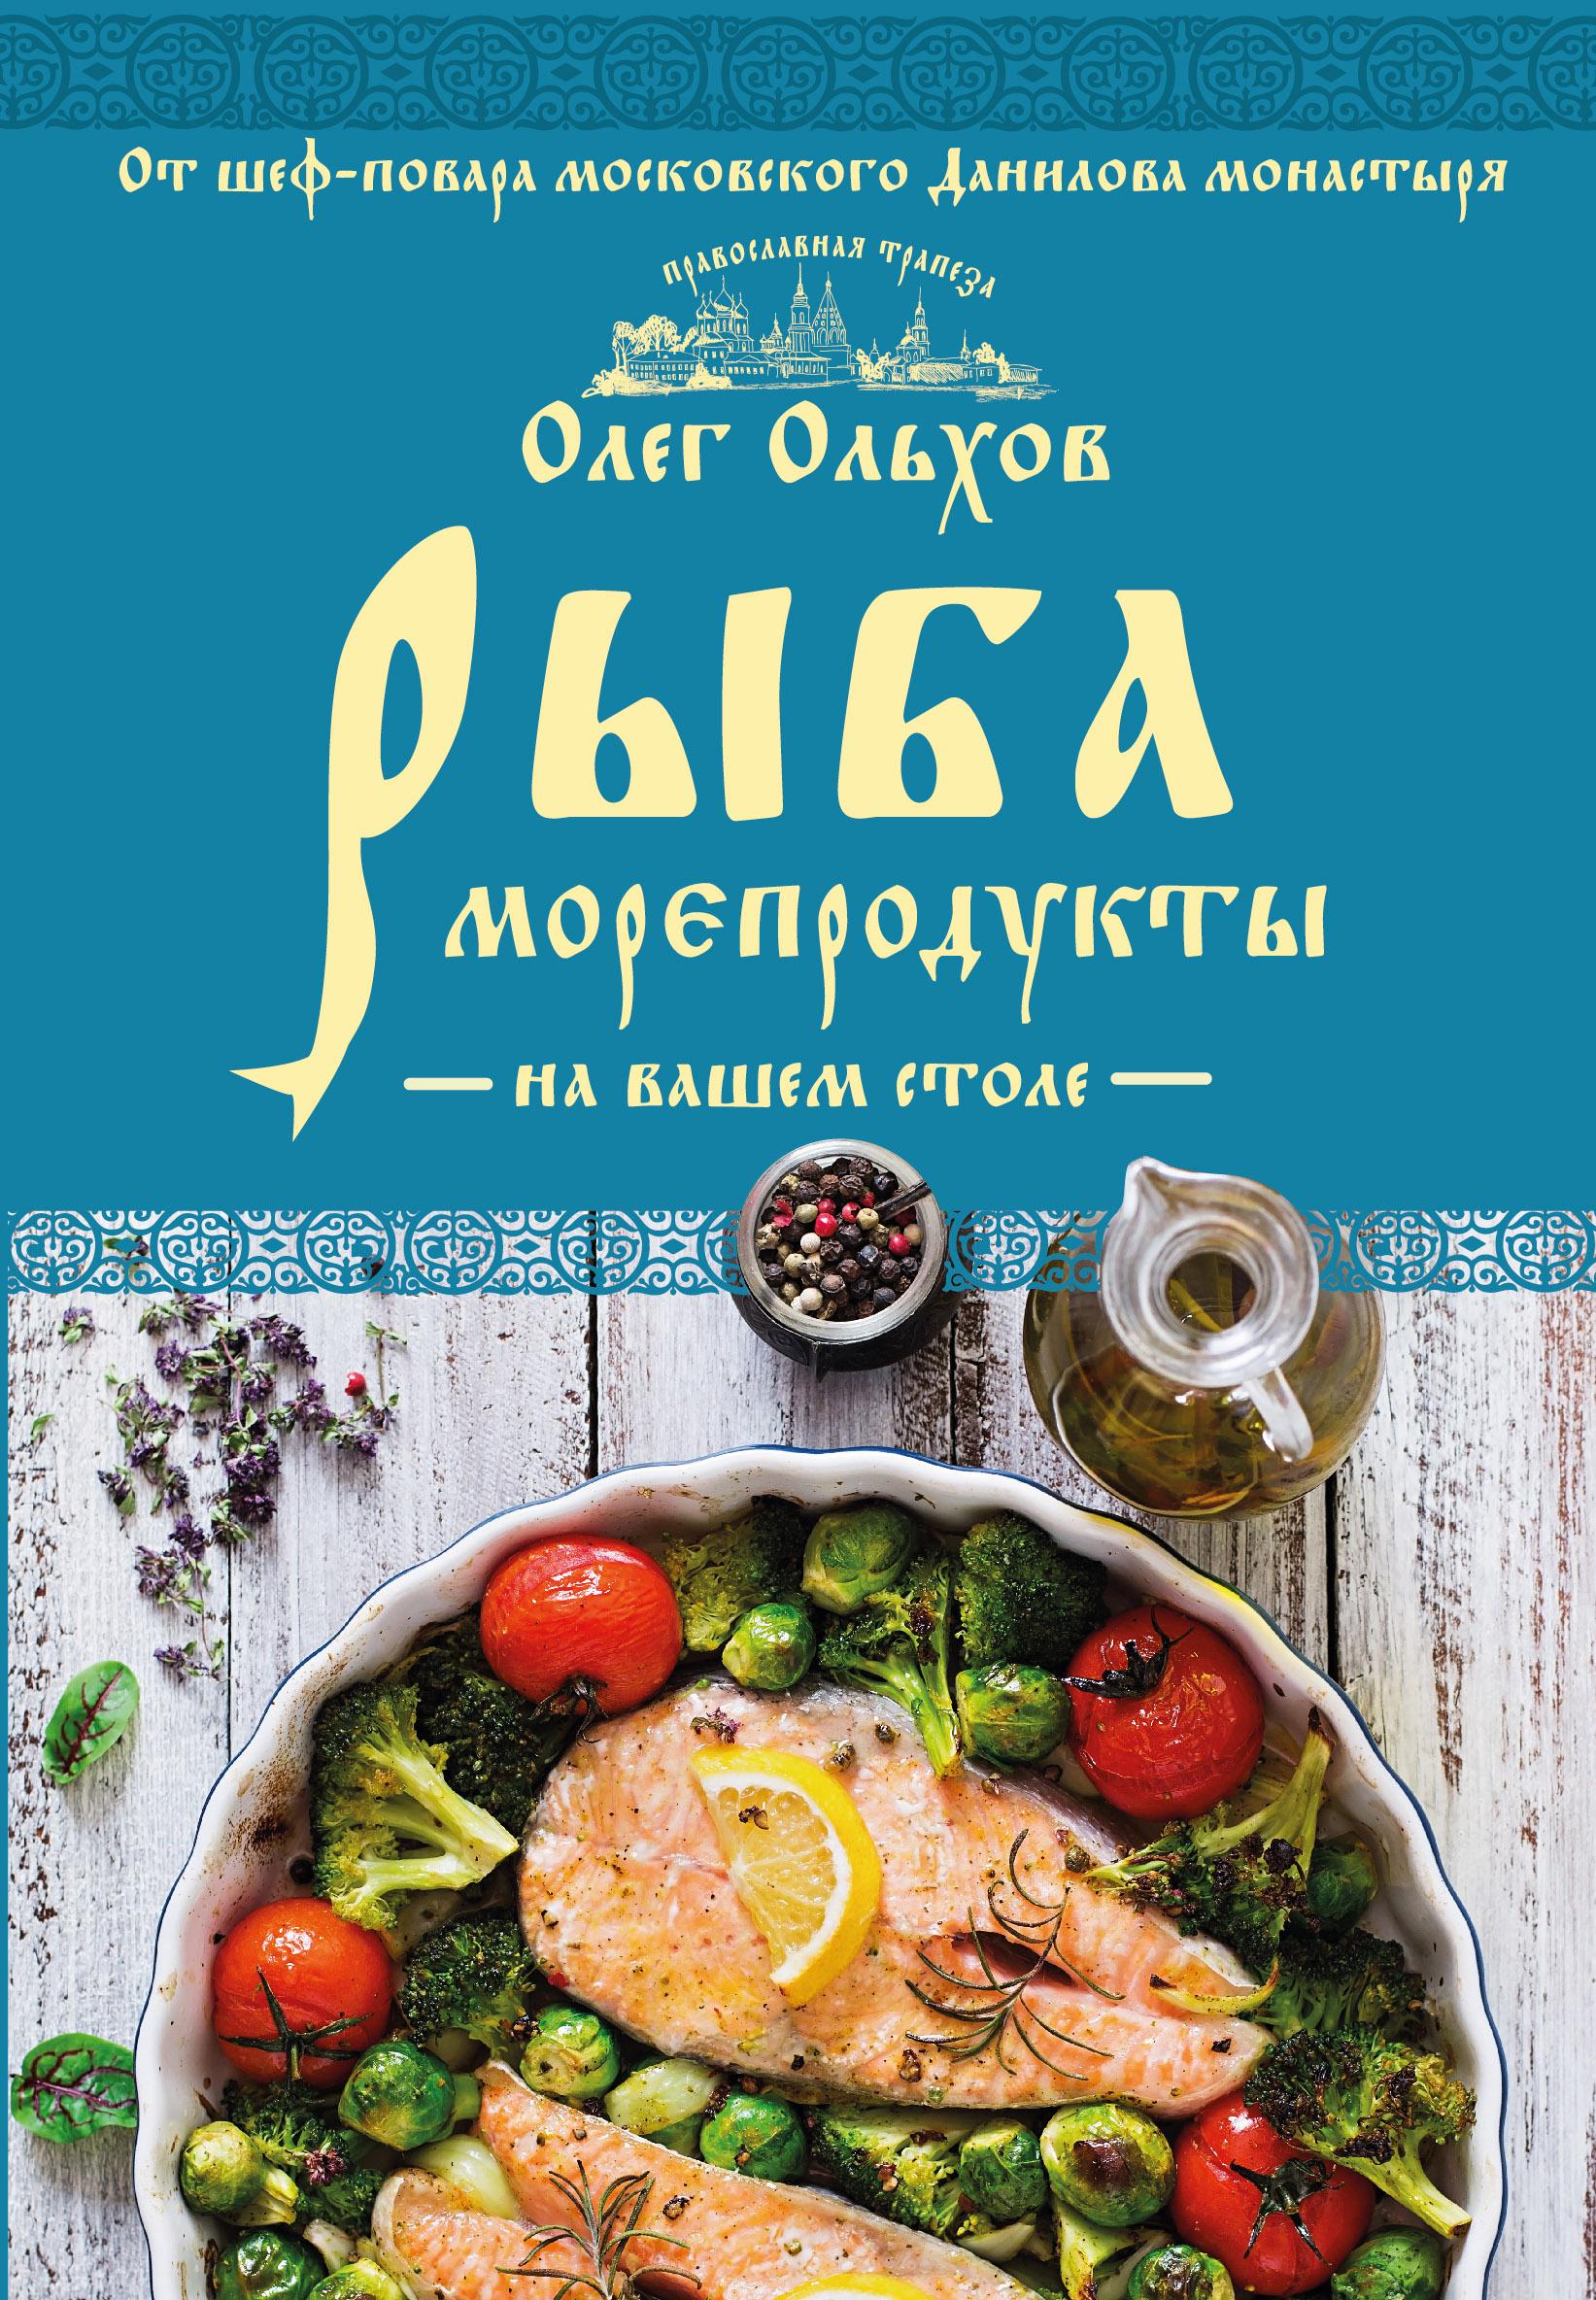 Ольхов Олег Рыба. Морепродукты на вашем столе. Салаты, закуски, супы, второе олег ольхов сладости на вашем столе кексы варенья пастилы